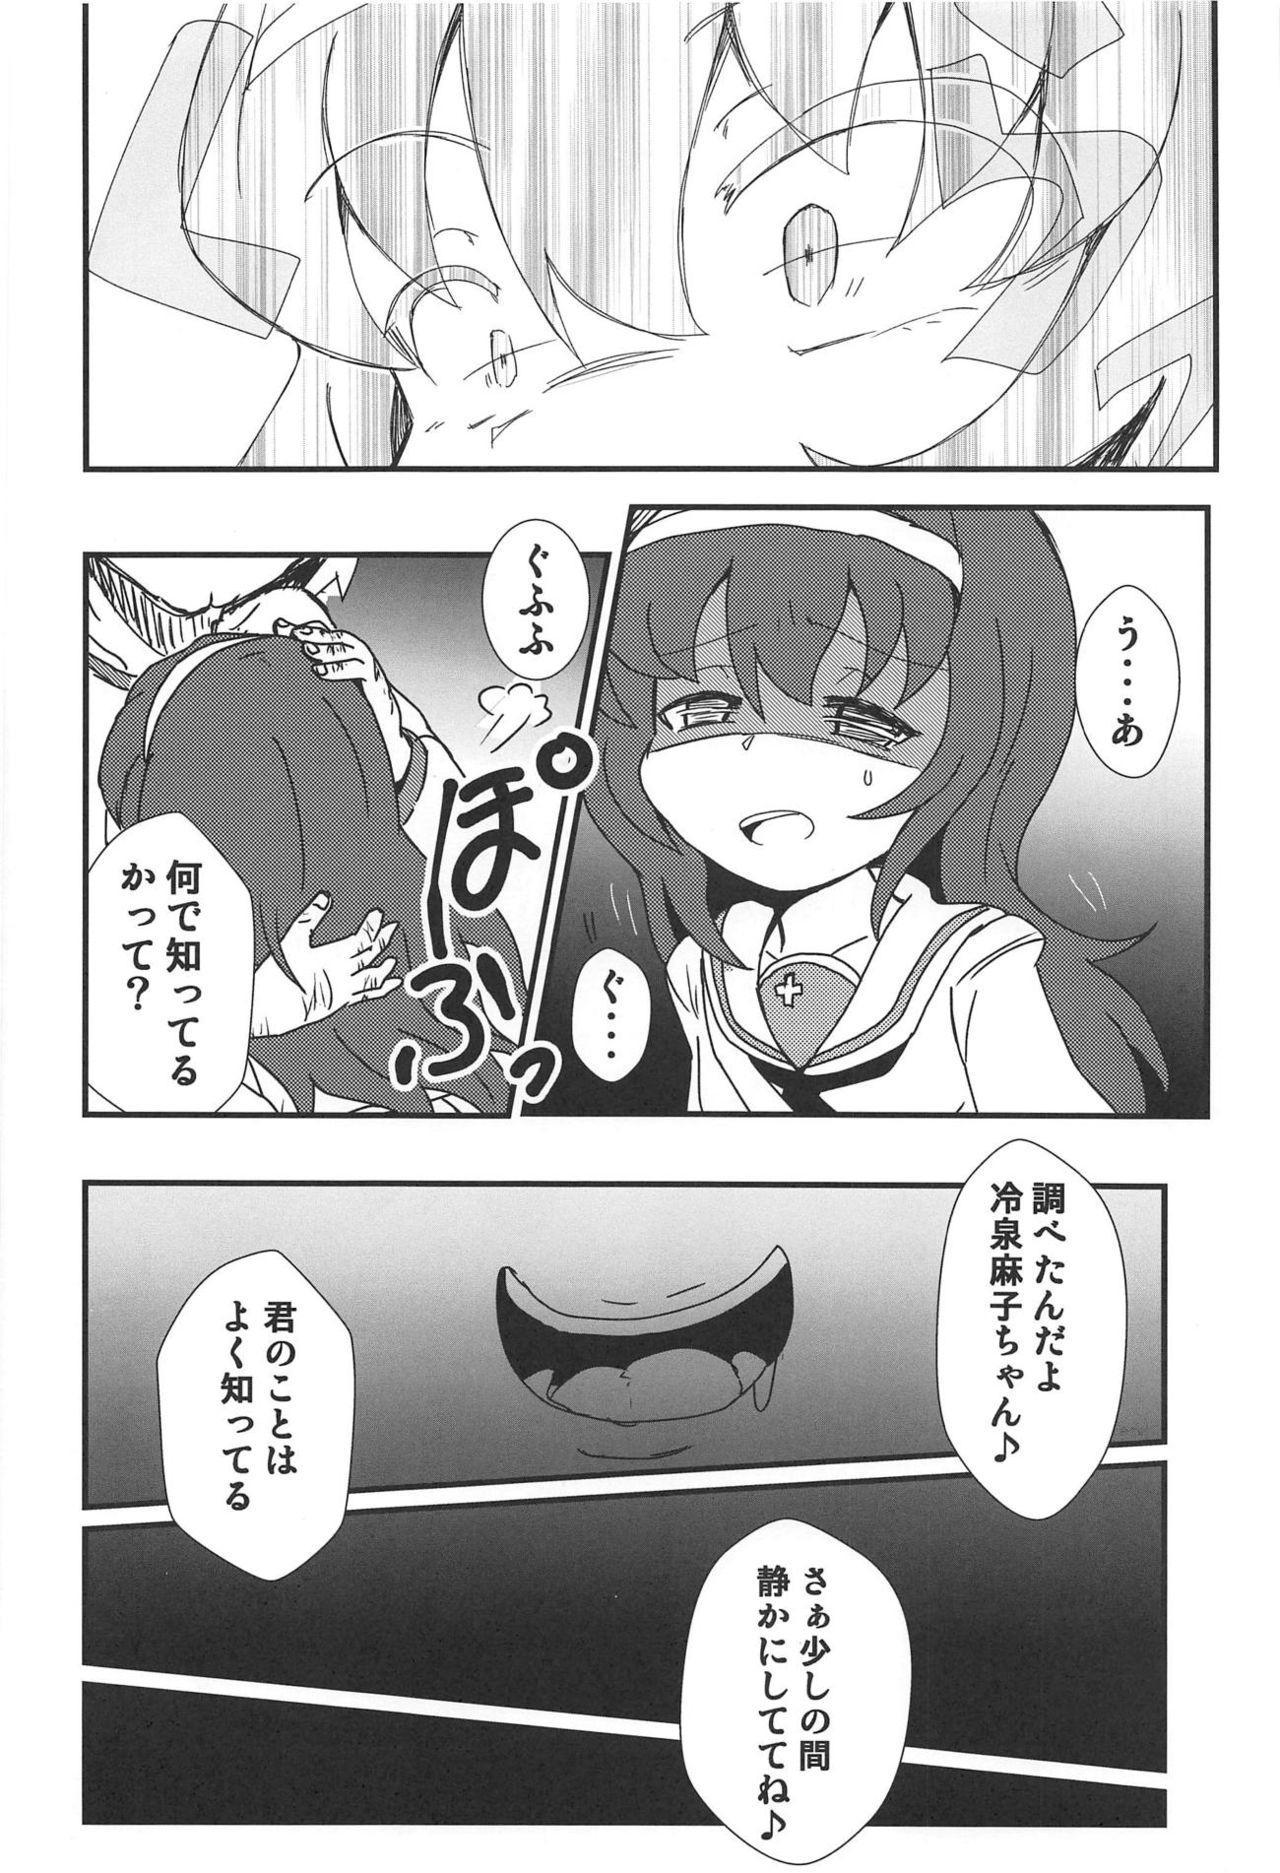 Mako-chan o Nemurasete 4